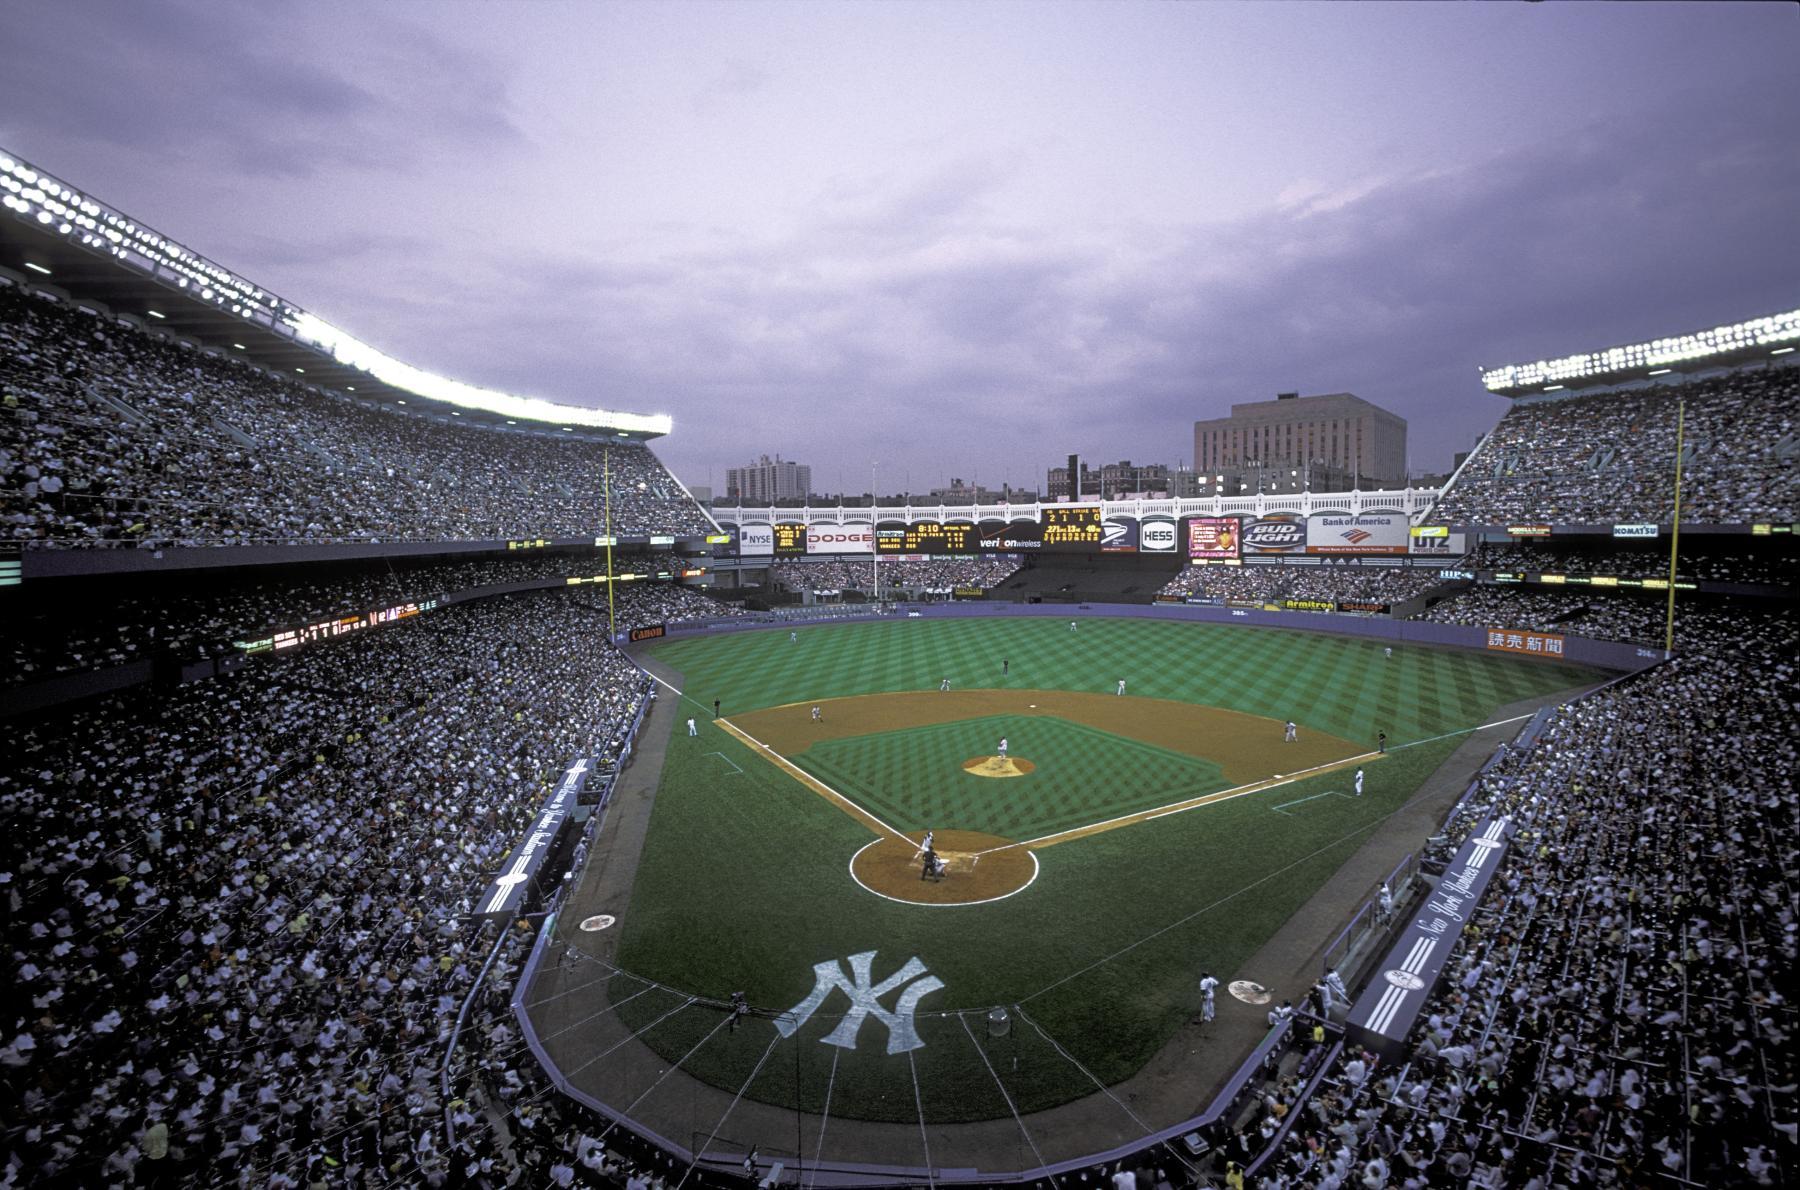   Down Ballparks Hall Fame of Brought Baseball